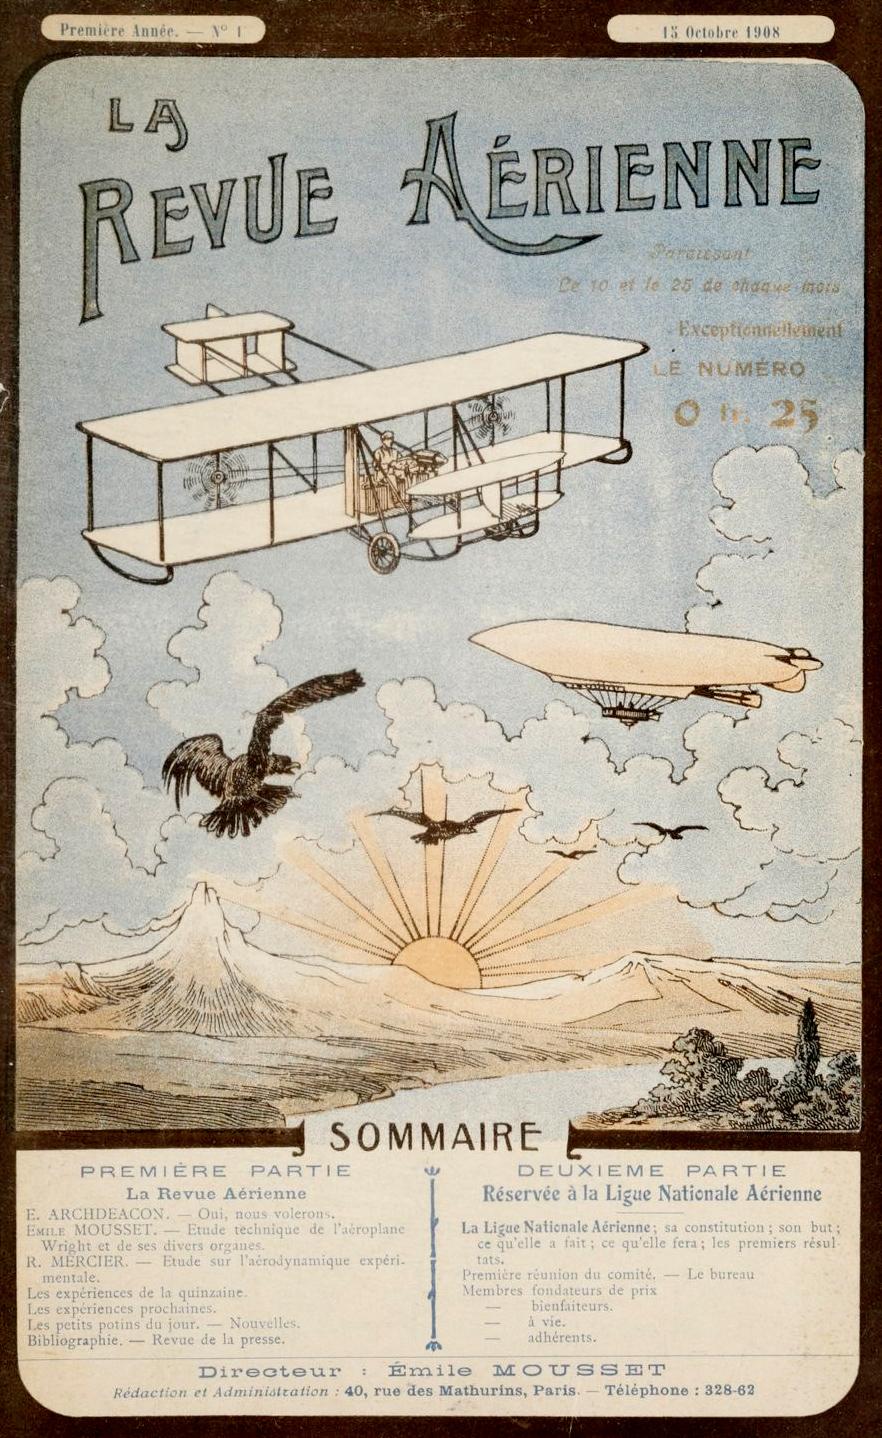 La_Revue_aérienne_1908-10-15